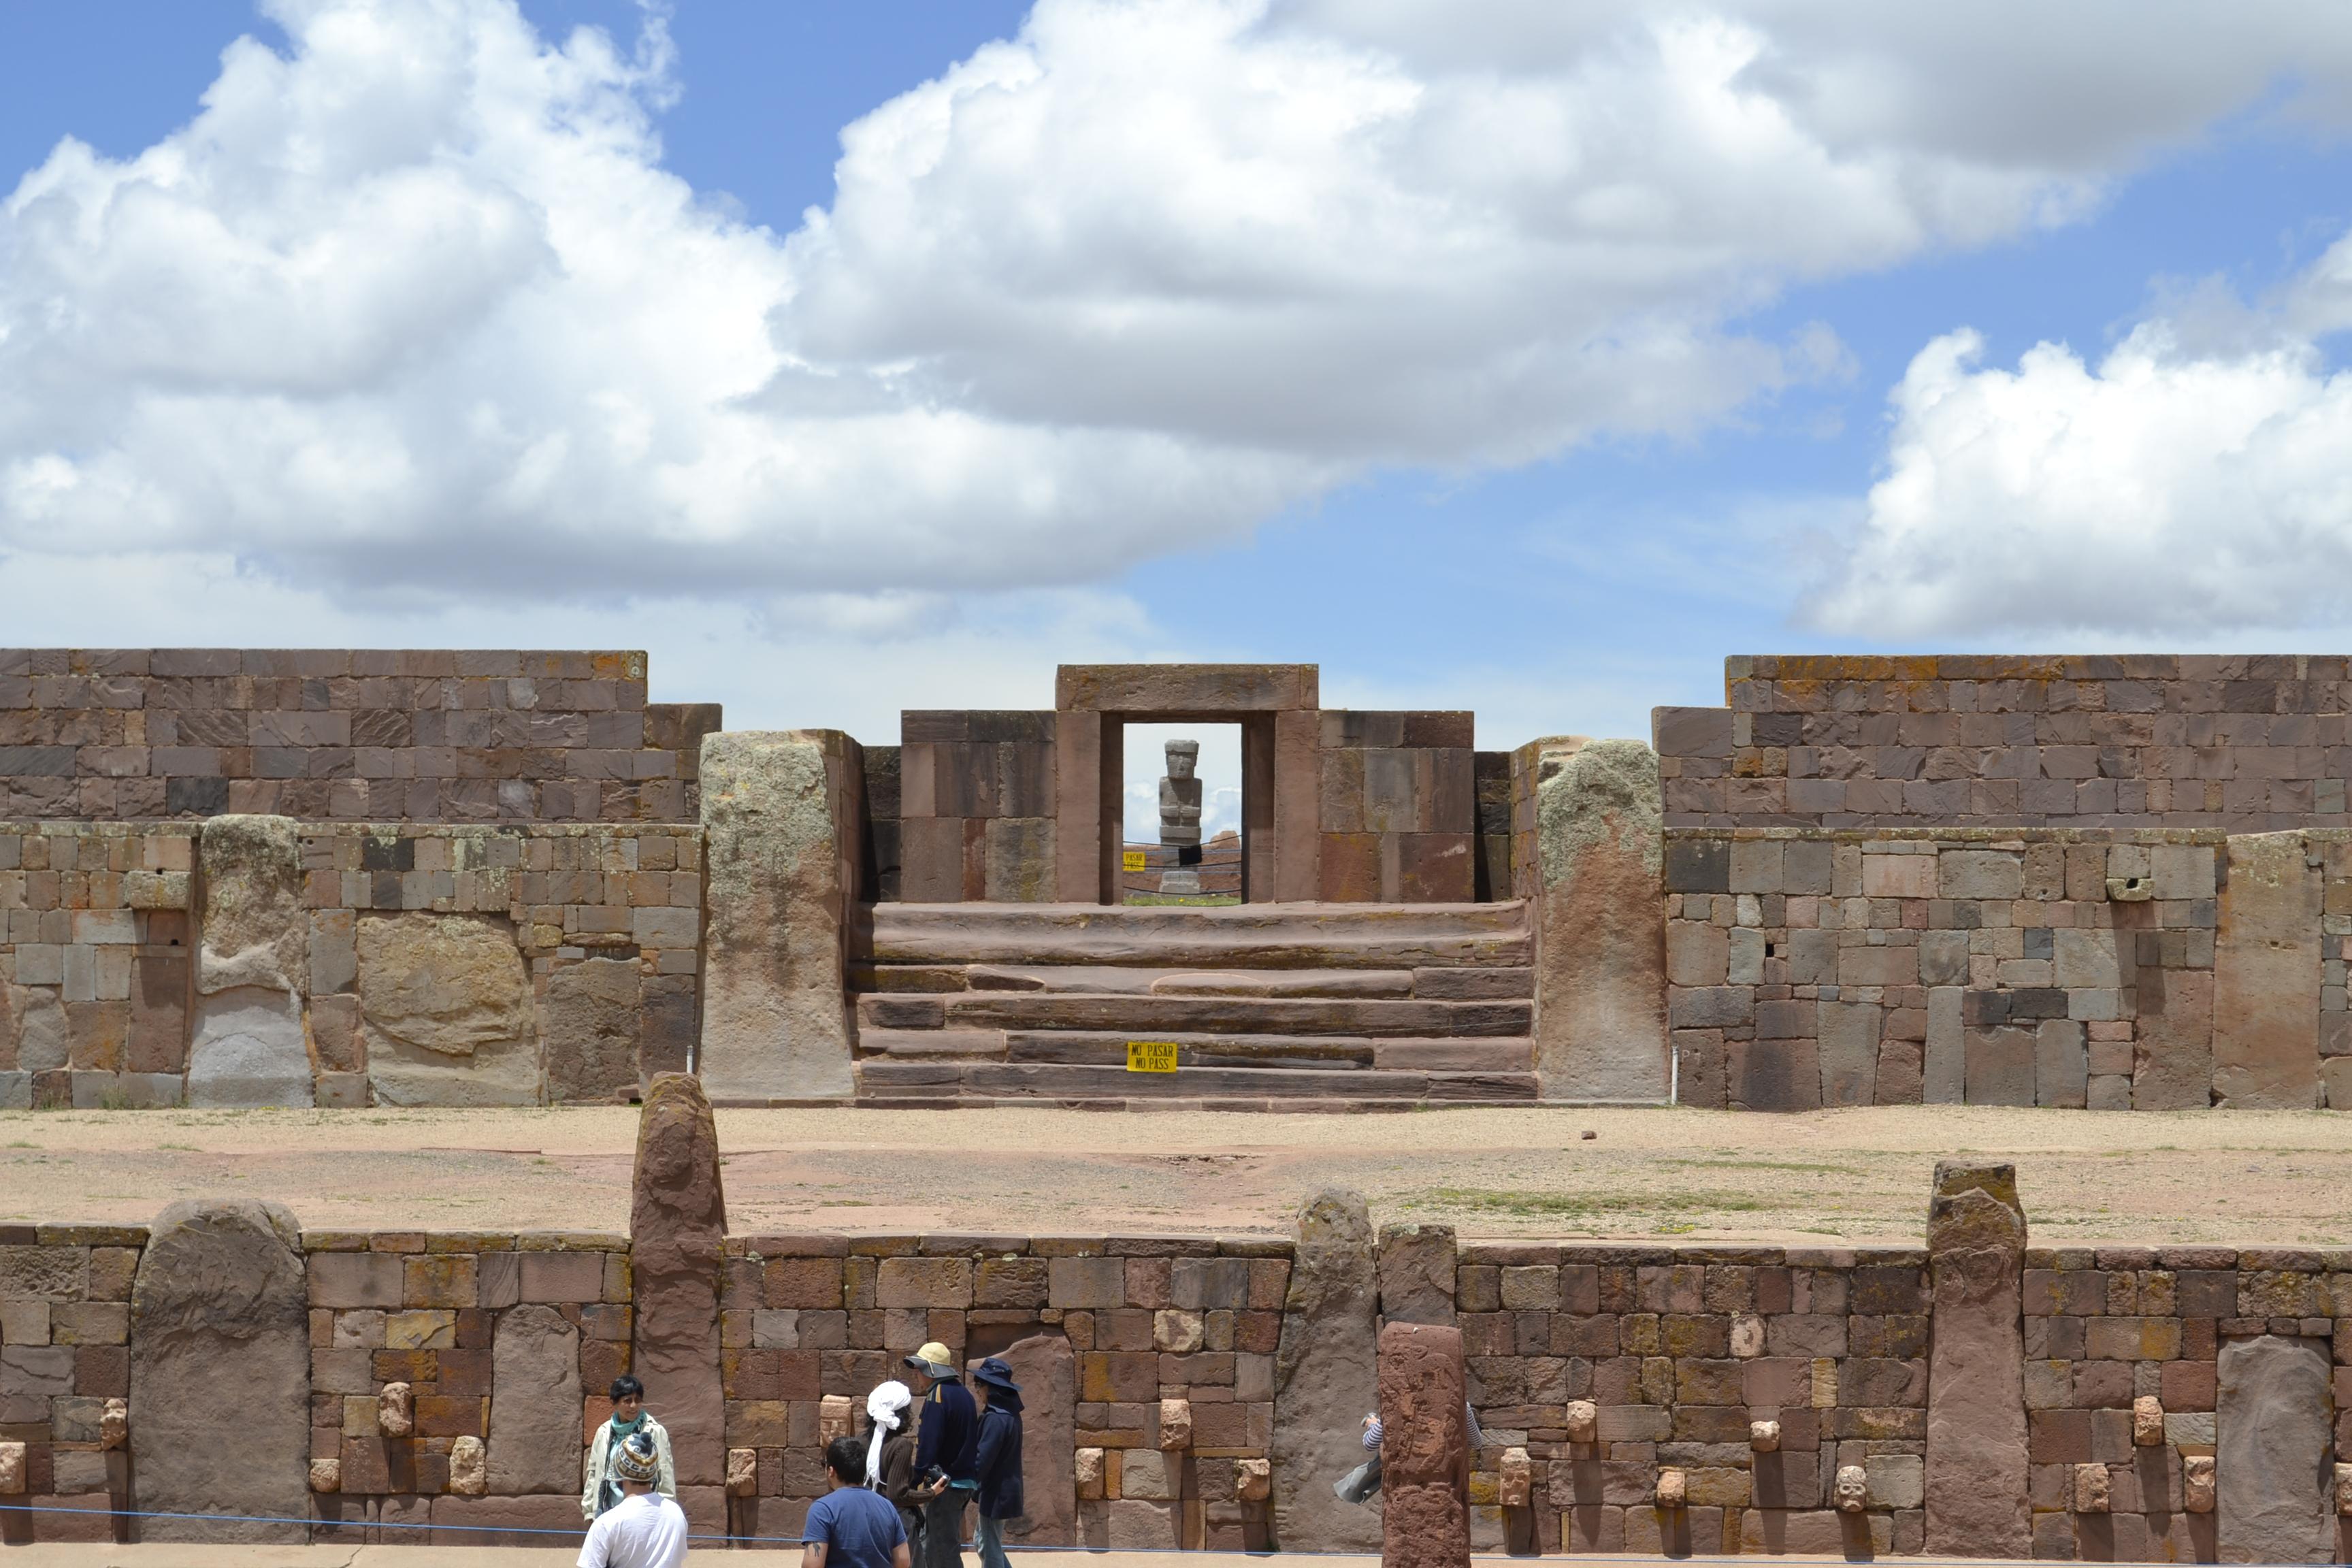 Detalle del sitio arqueológico de Tiwanaku, Bolivia. Autor, Josemar Ferreira